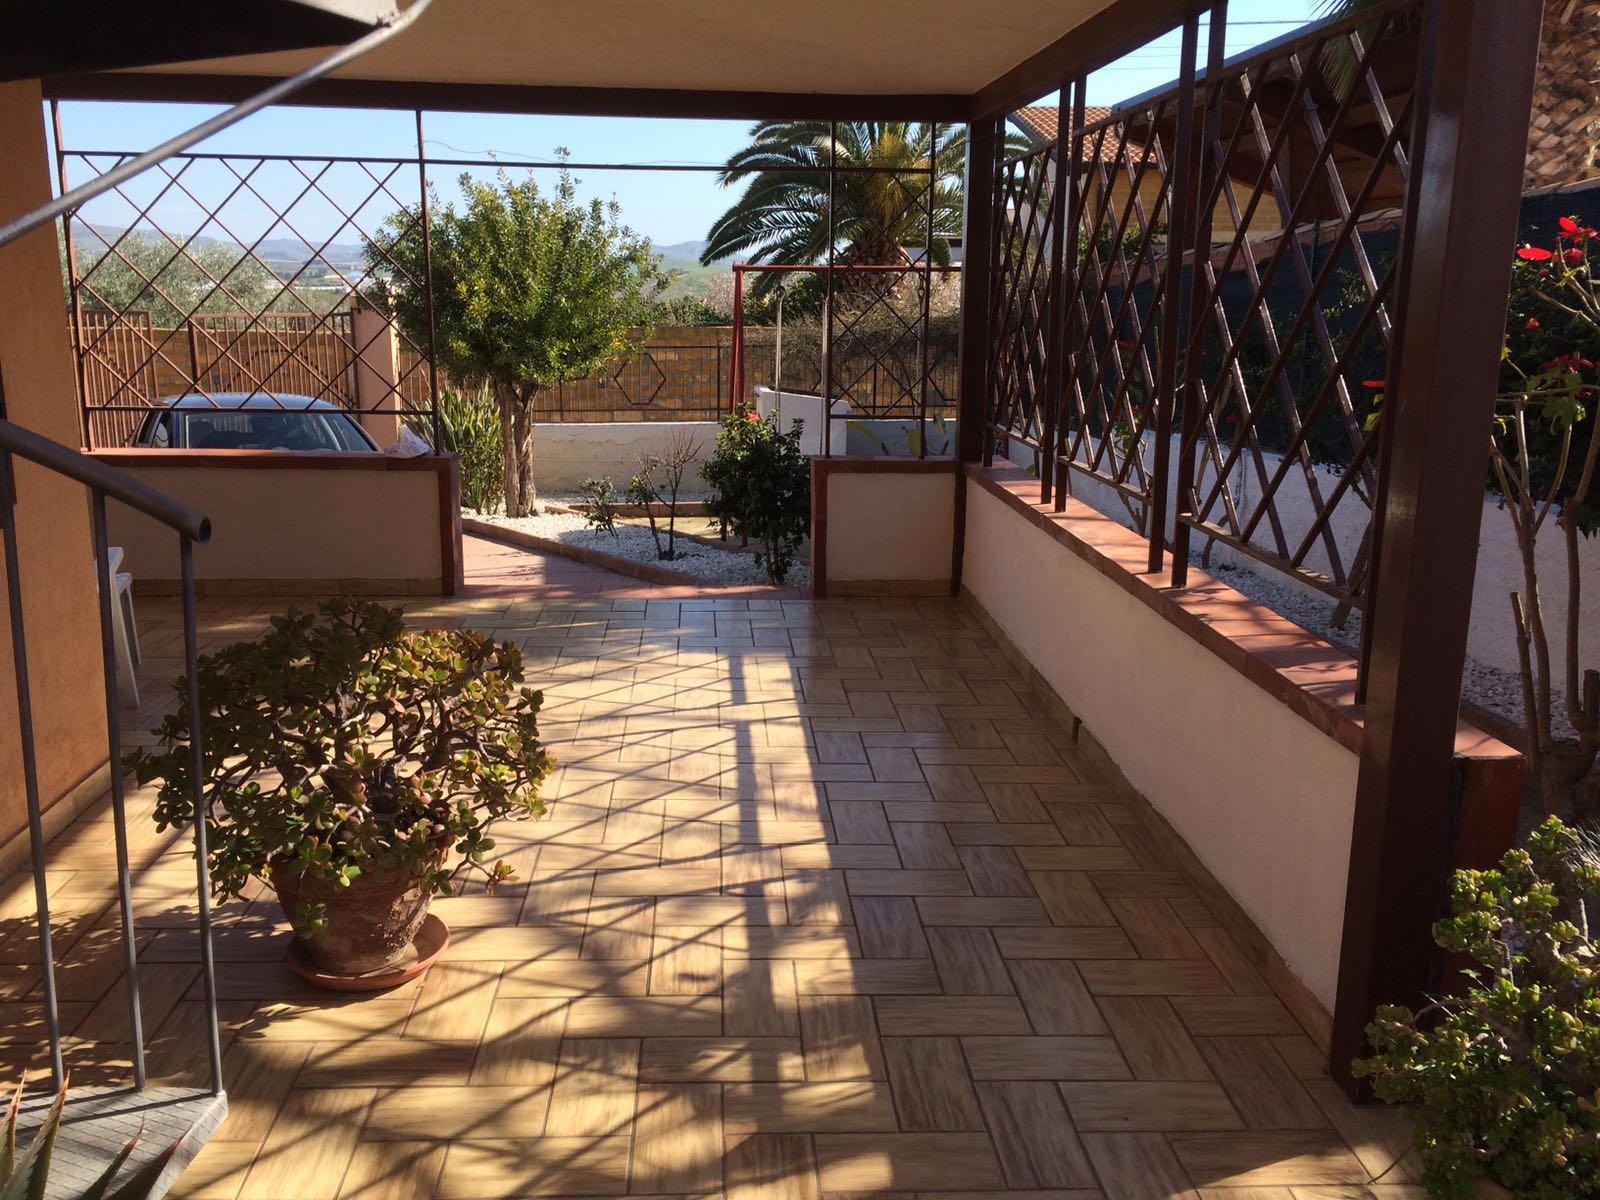 Villa in vendita a Agrigento, 5 locali, zona Località: VillaggioMosè, prezzo € 150.000 | CambioCasa.it